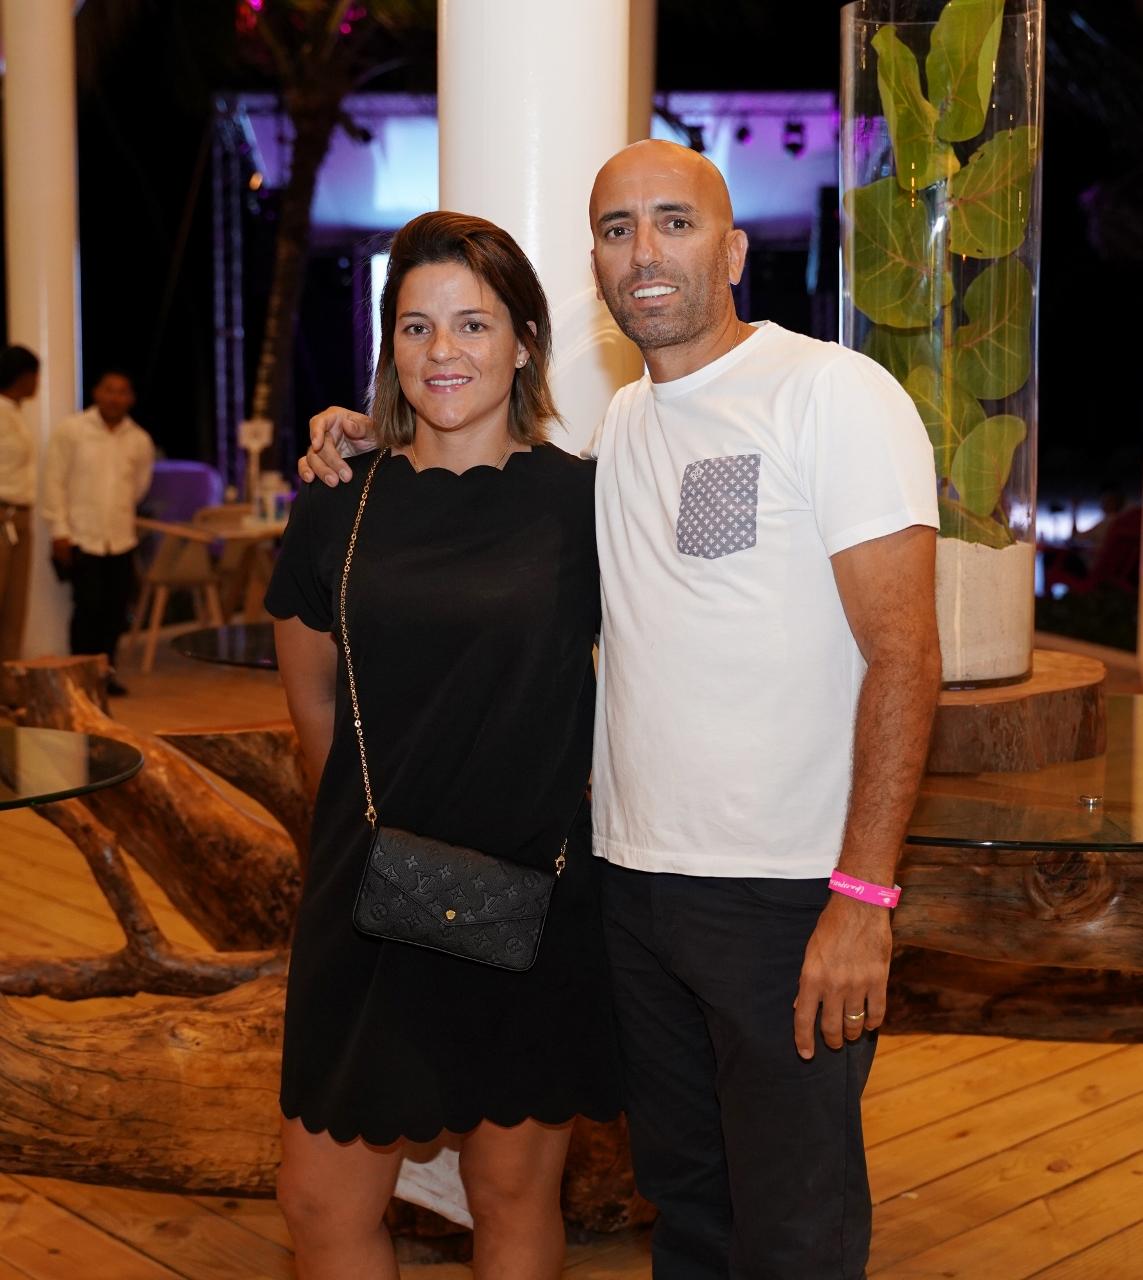 Luciana Quiroga e Hicham Idllalene (1143x1280)